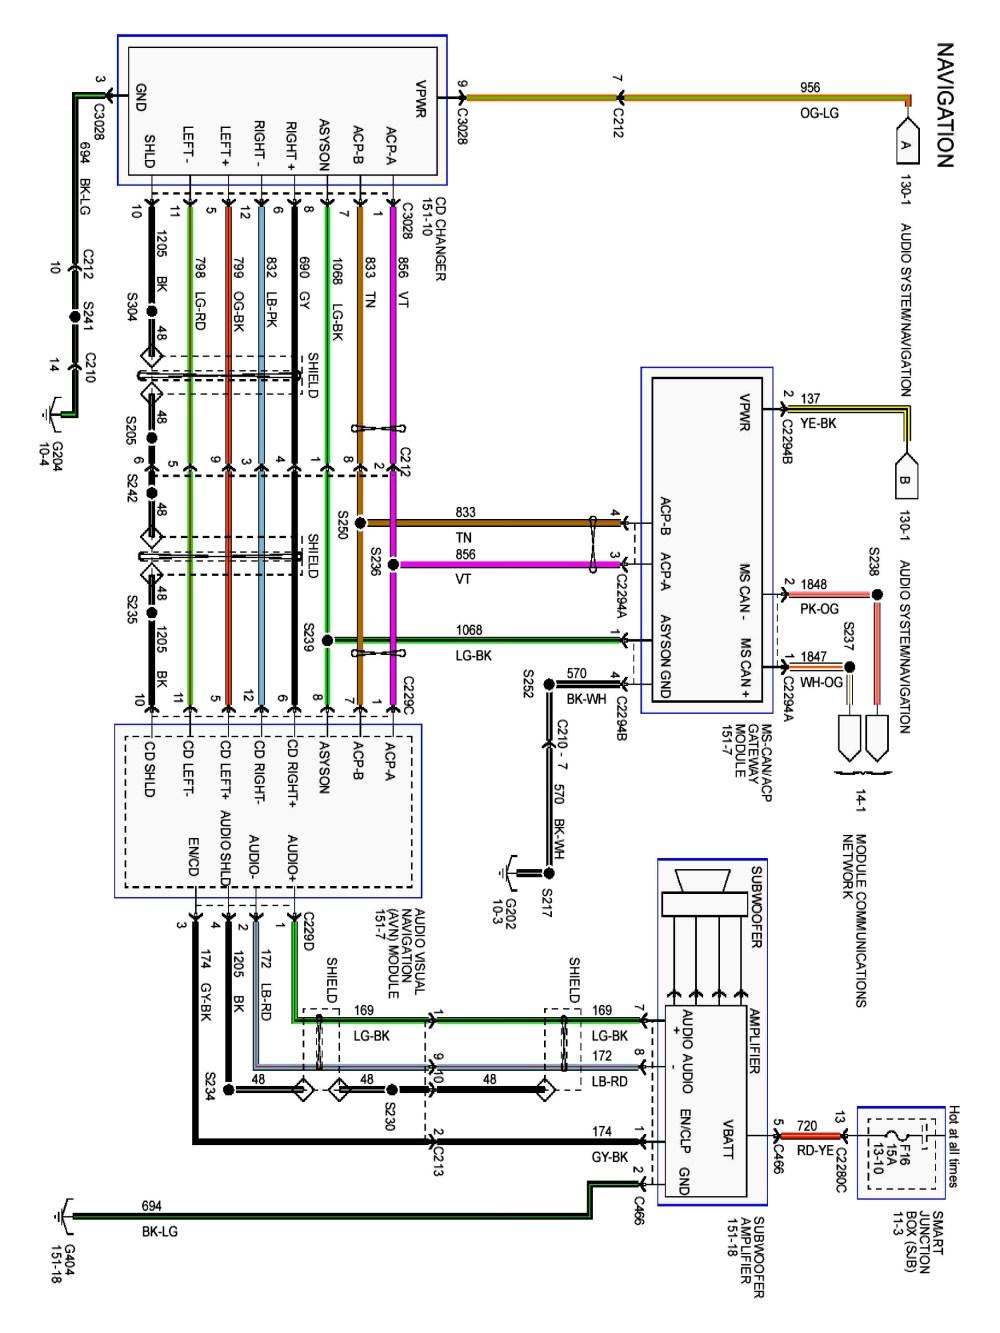 medium resolution of wrg 5324 f350 wire diagram 2004 ford f250 radio wiring diagram